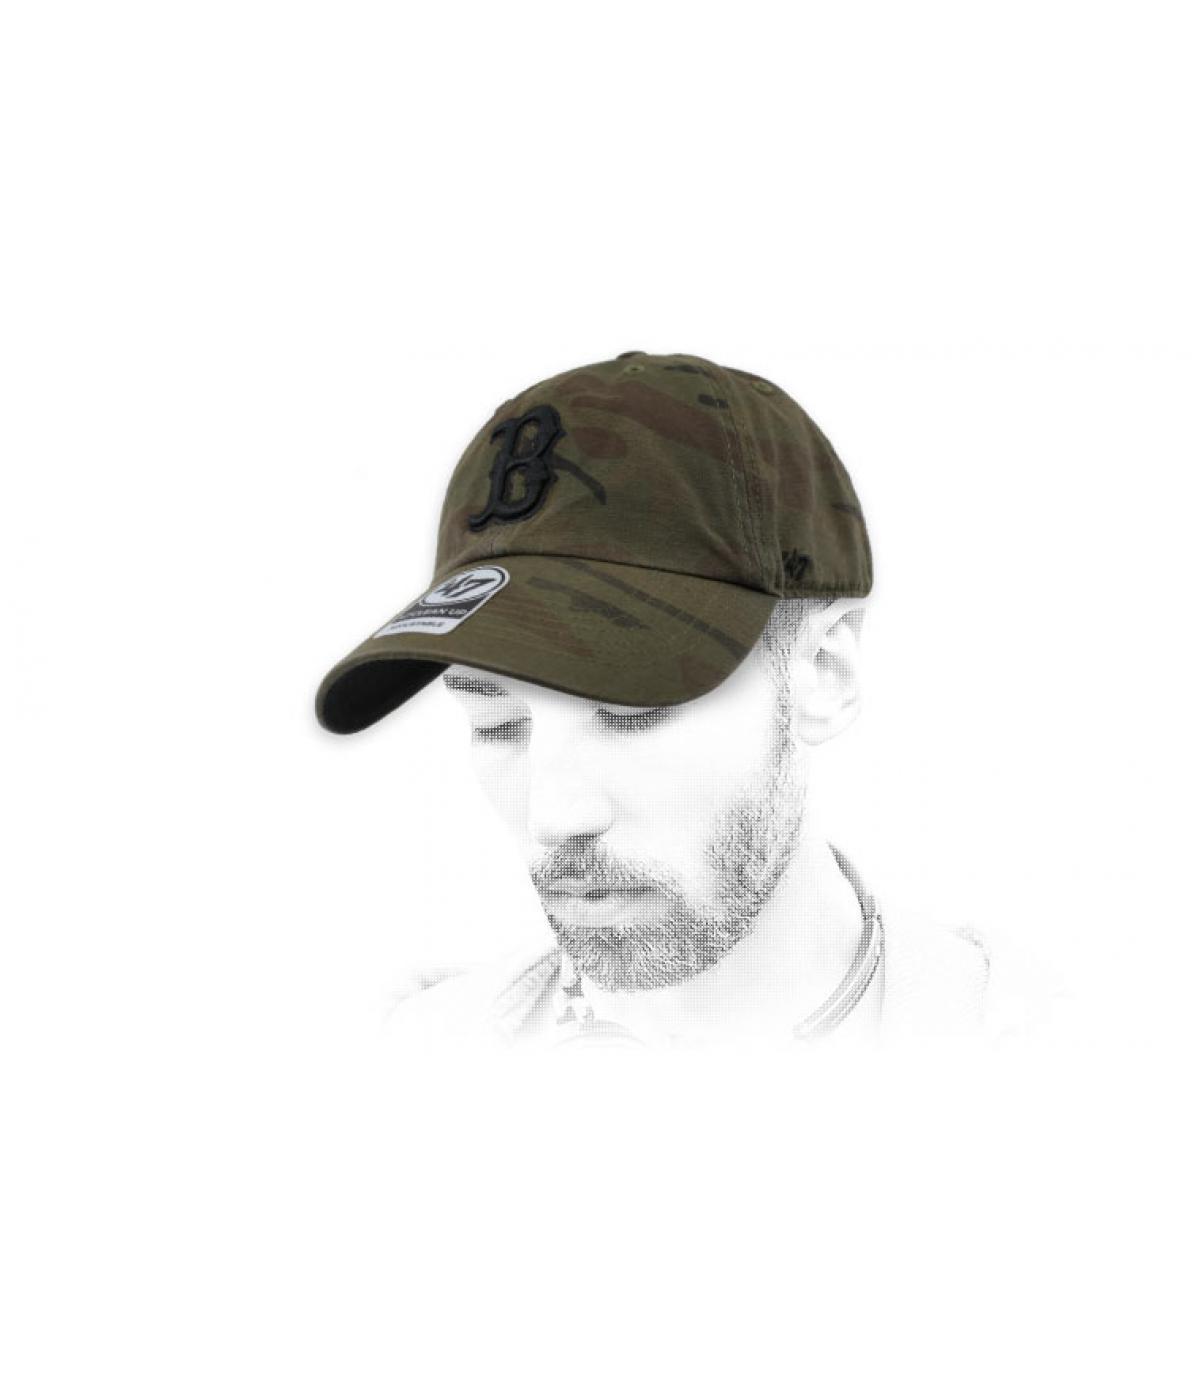 cappello B camo